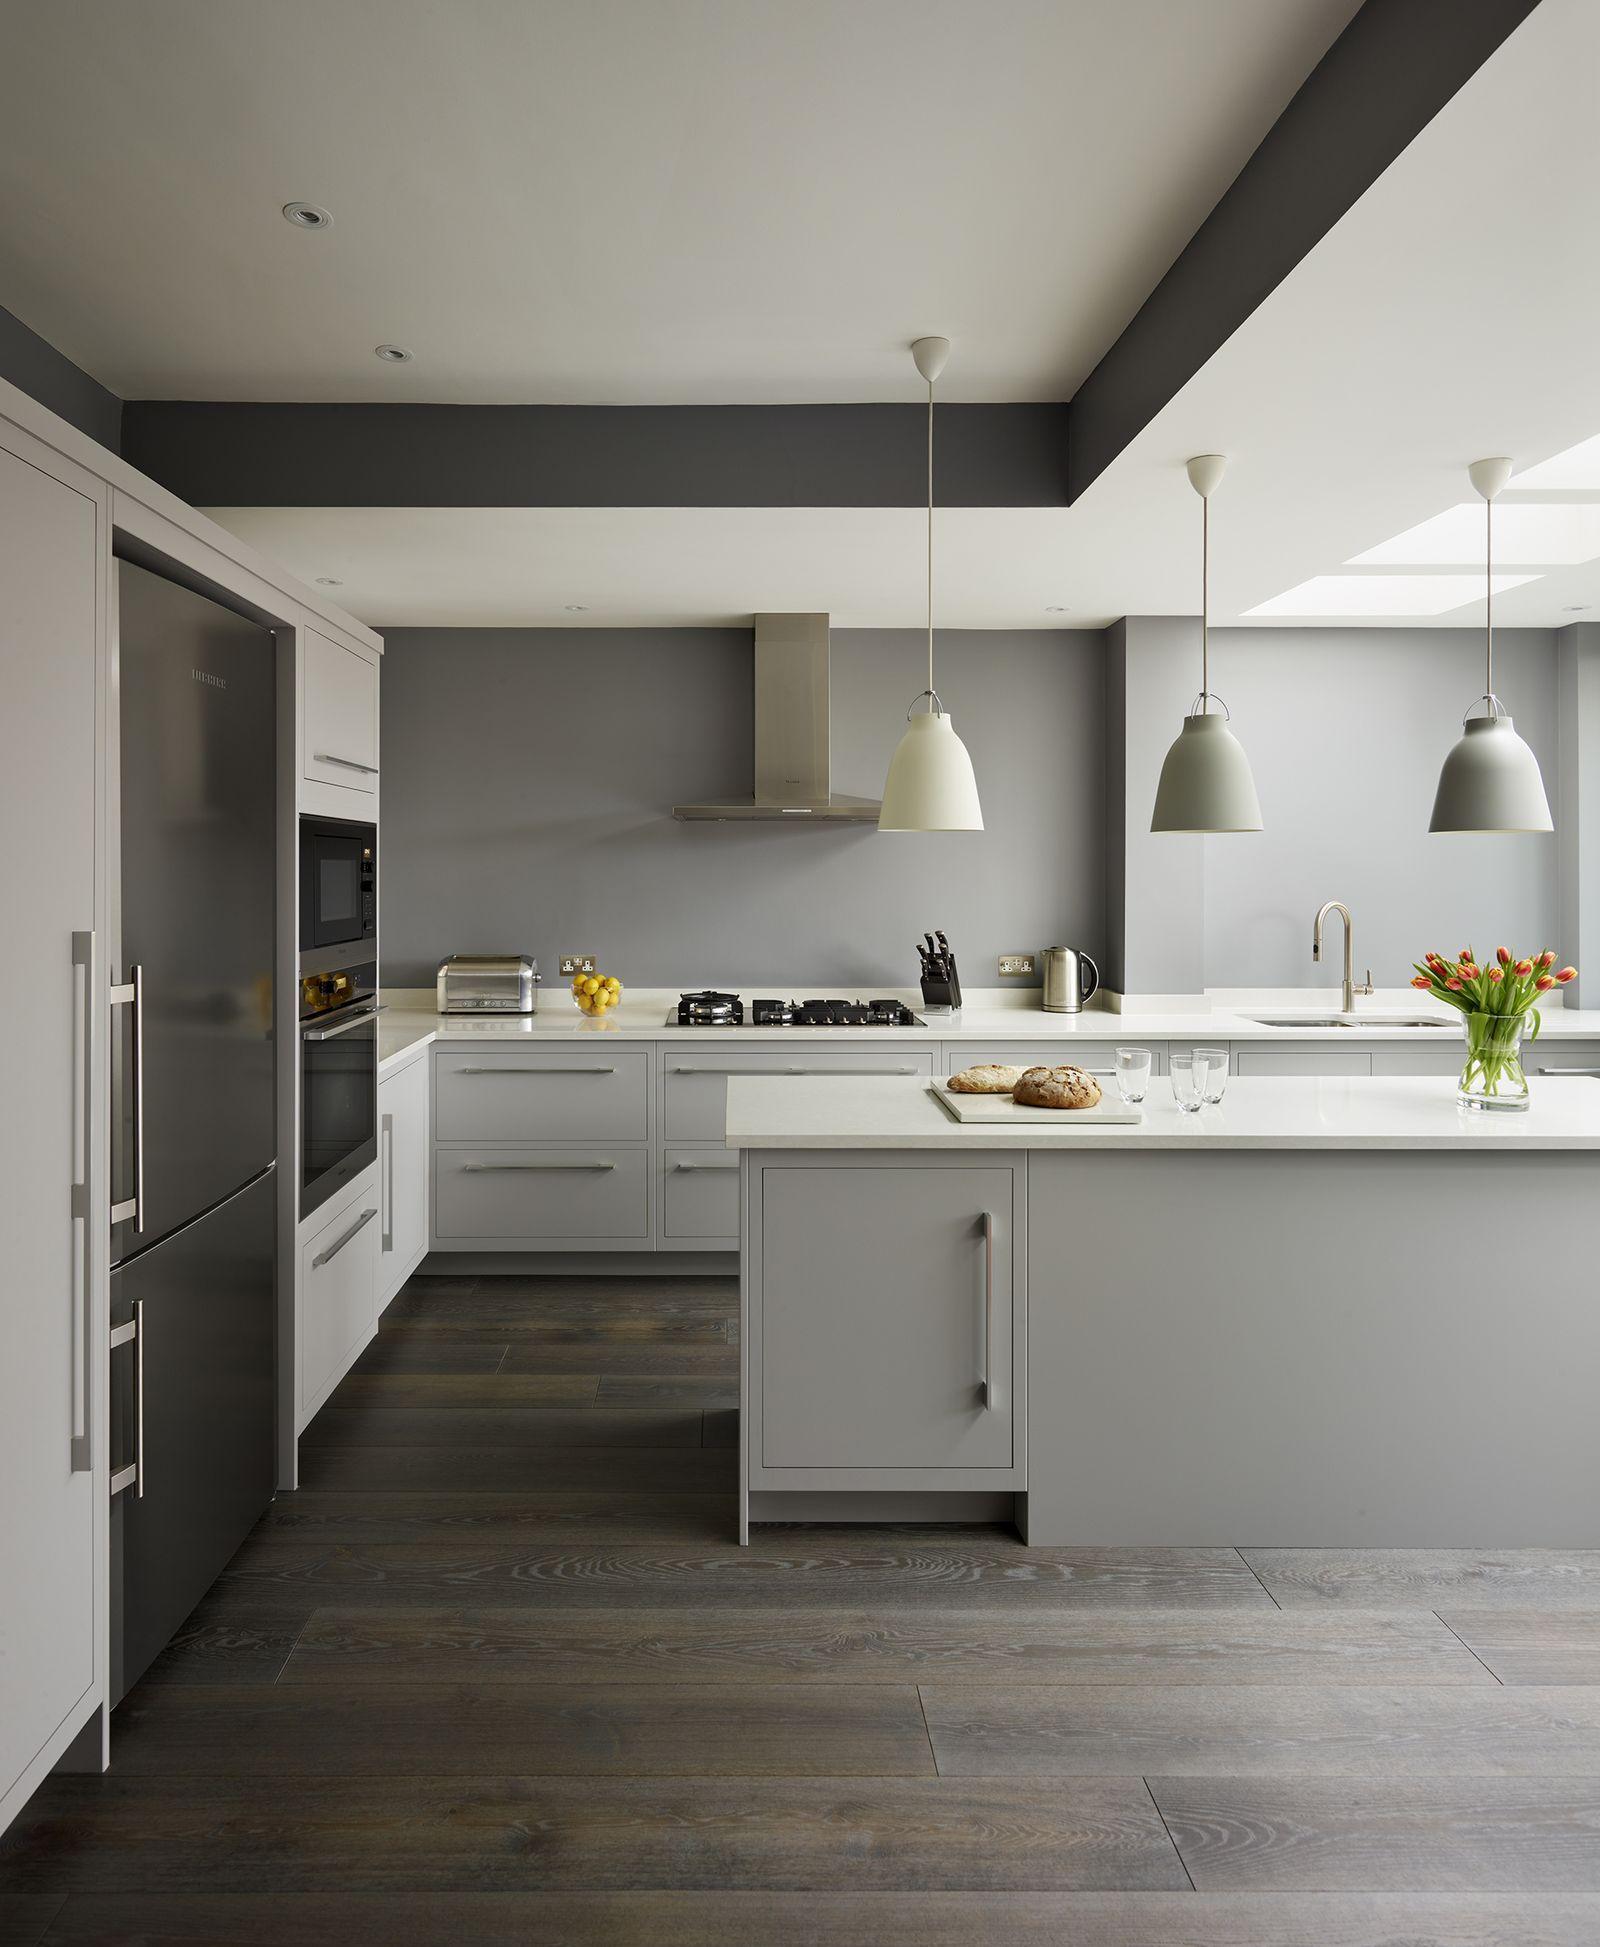 20 stunning dark kitchen ideas in 2020  contemporary grey